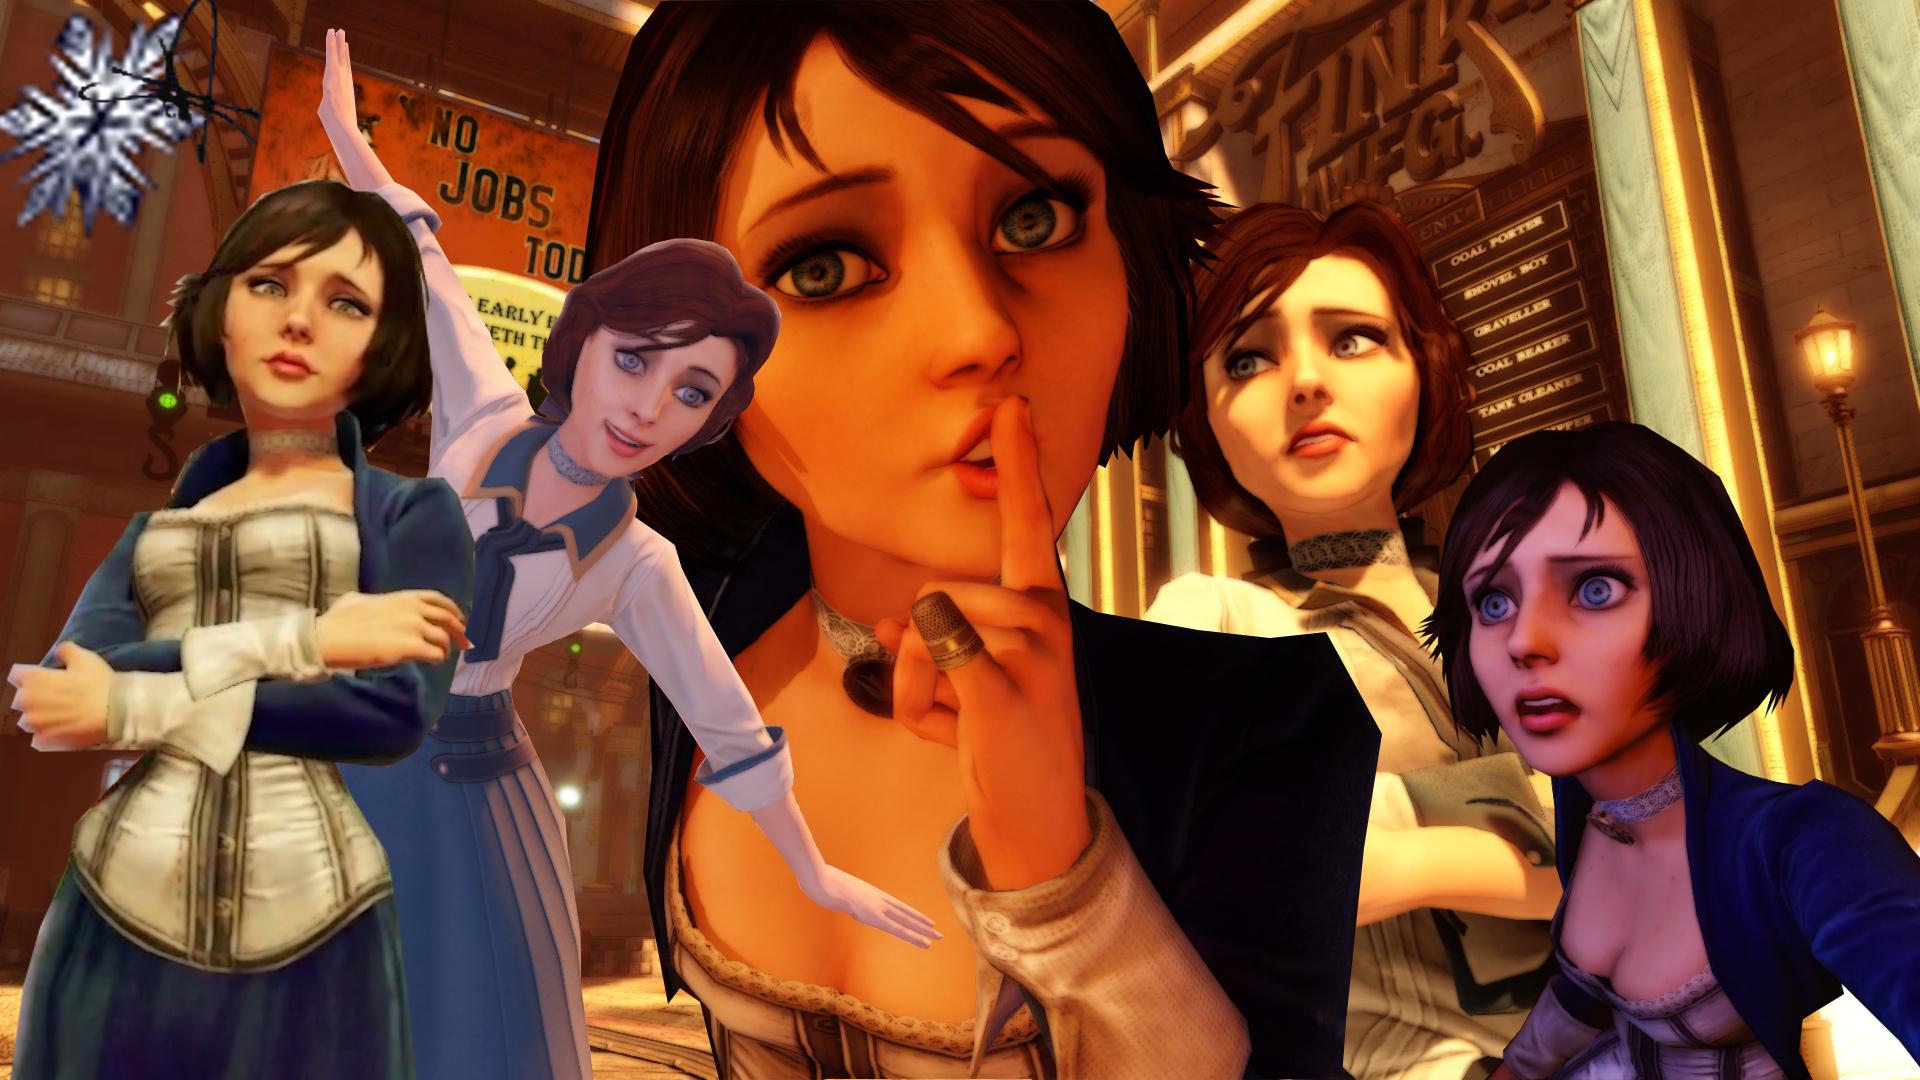 Elizabeth Bioshock Infinite by Seras22